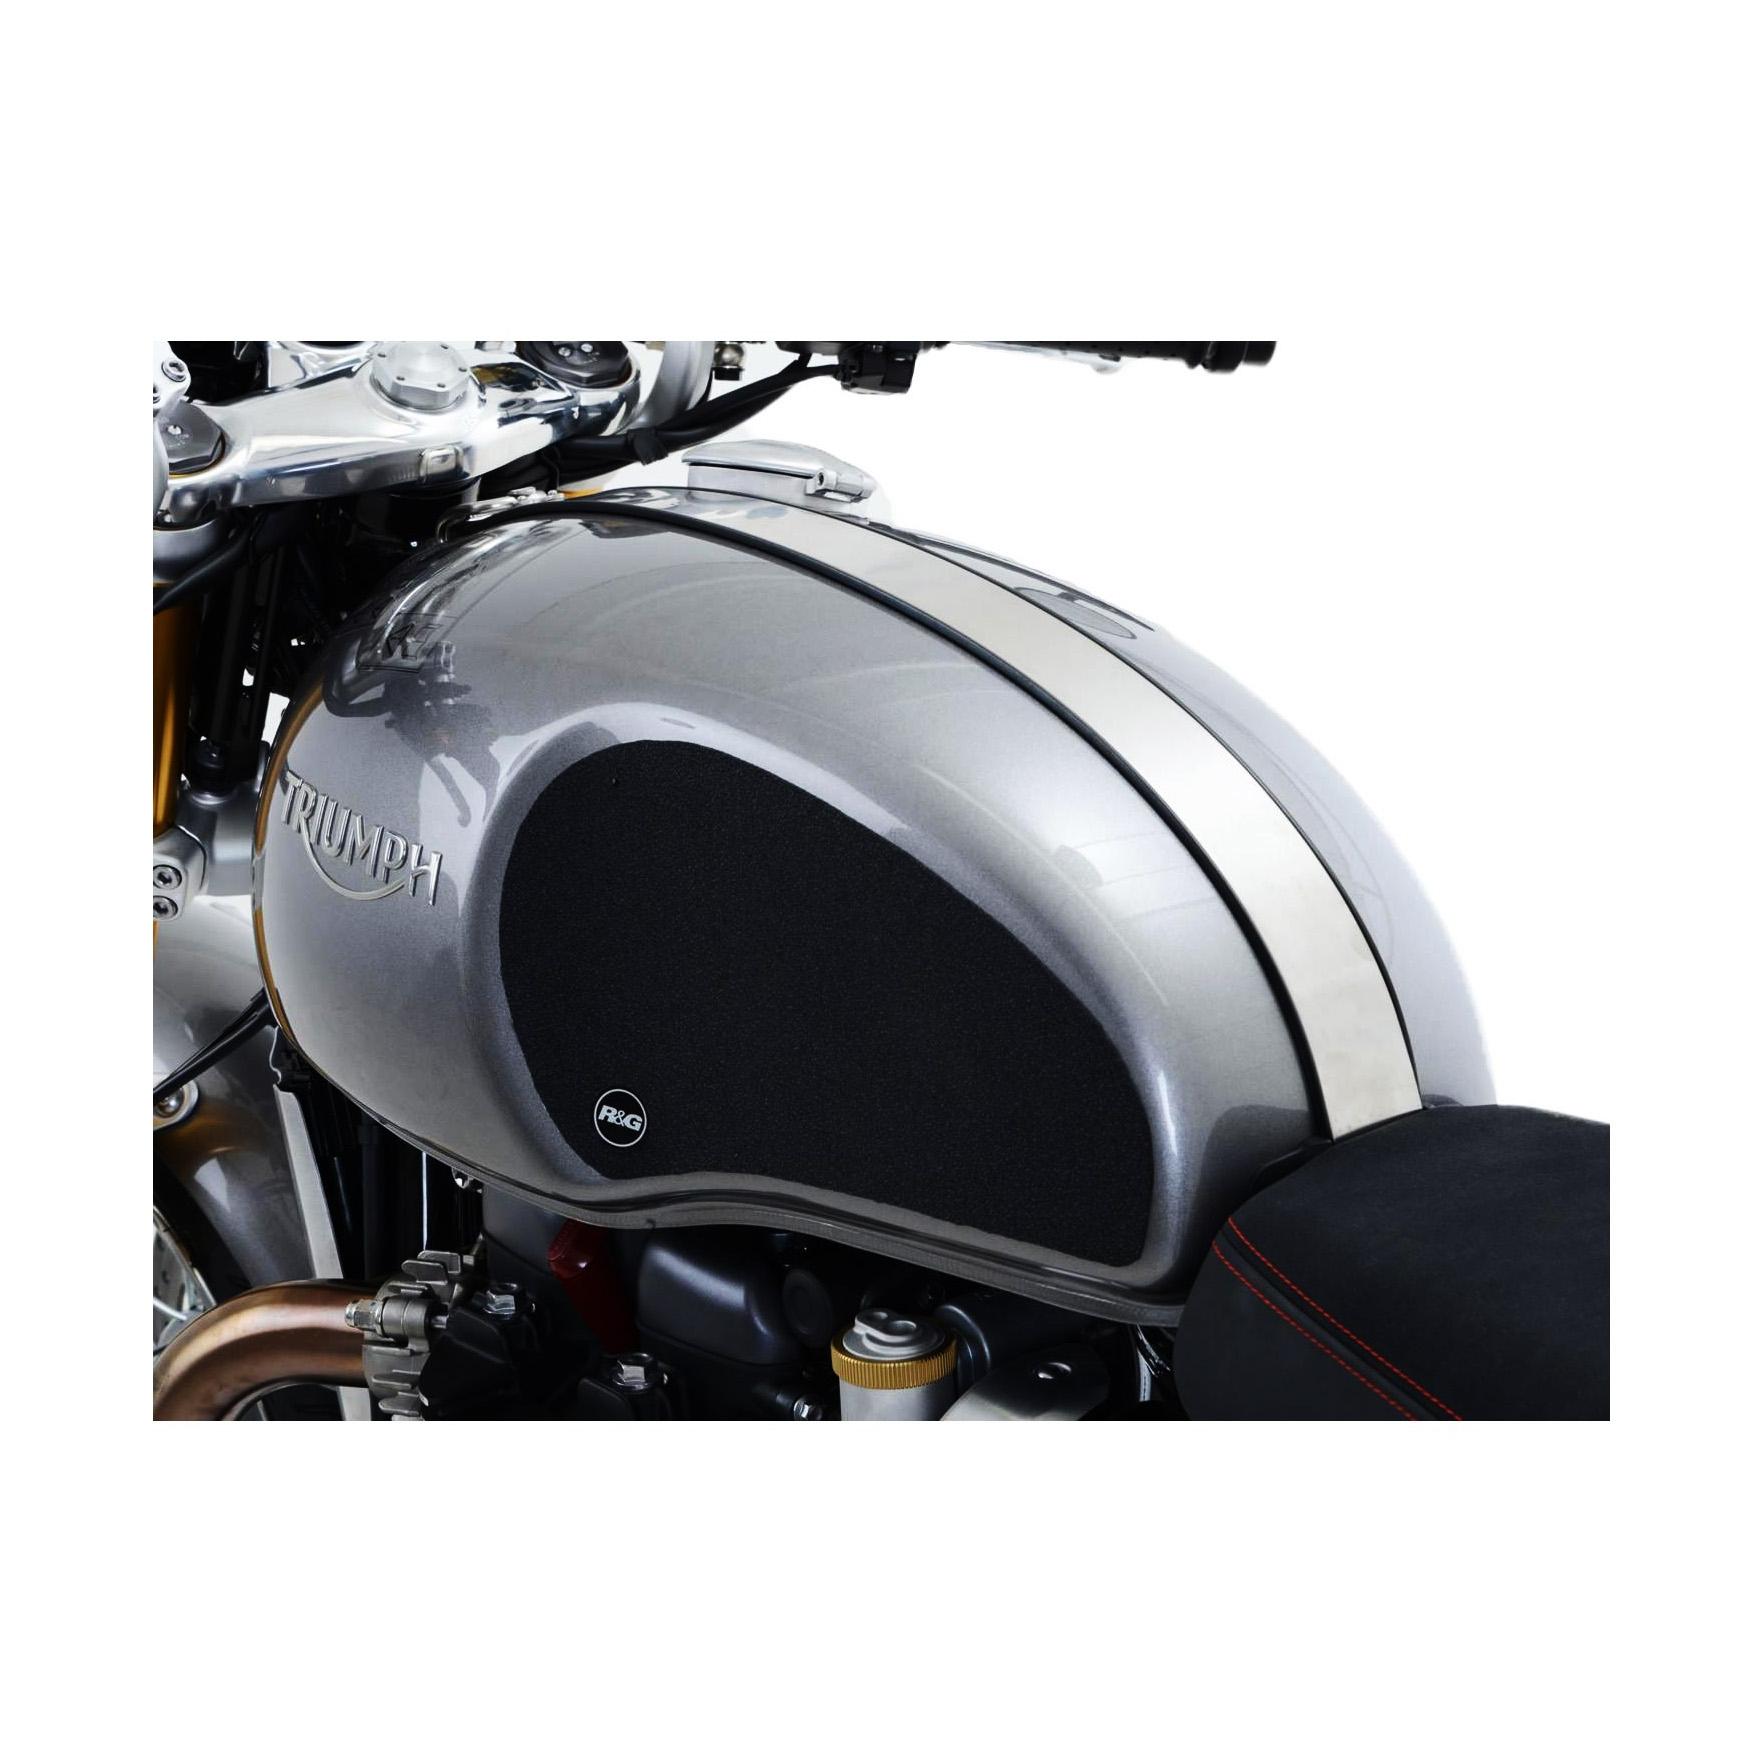 Kit grip de réservoir R&G Racing noir Triumph Thruxton 1200 16-18